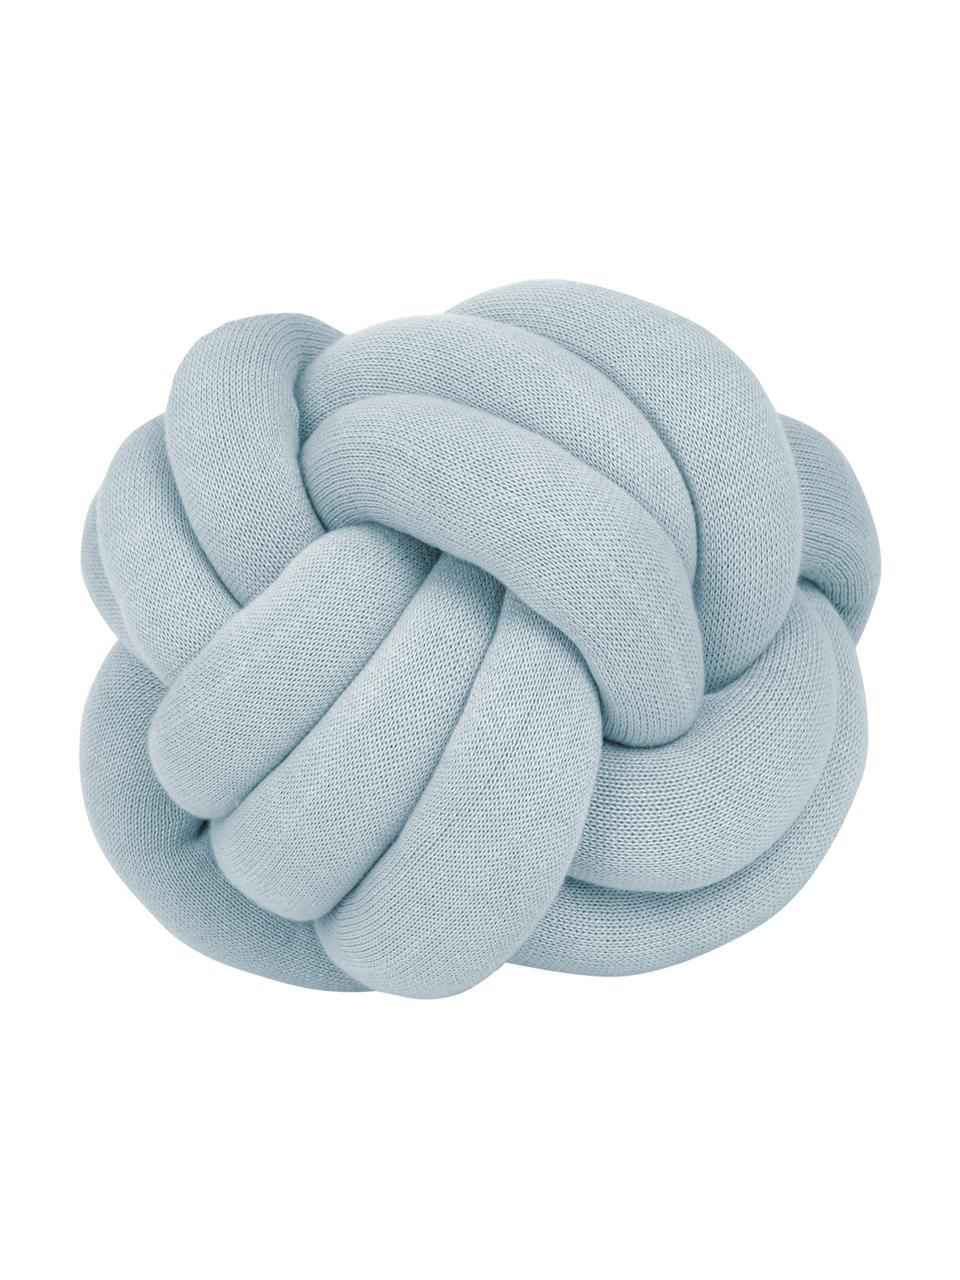 Poduszka supeł Twist, Jasny niebieski, Ø 30 cm